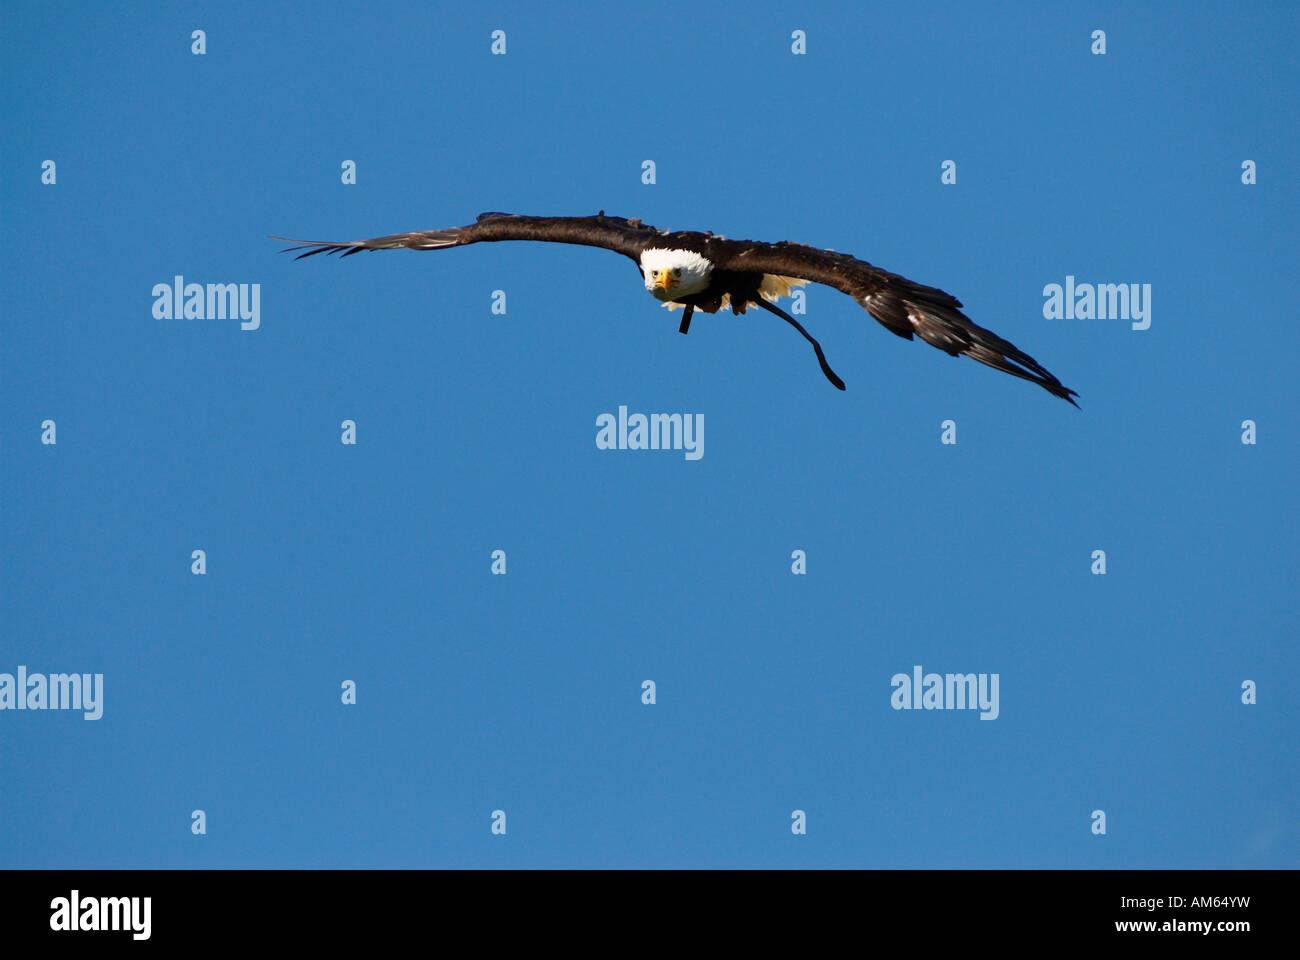 Weißkopf-Seeadler (Haliaeetus Leucocephalus) fliegen Stockbild